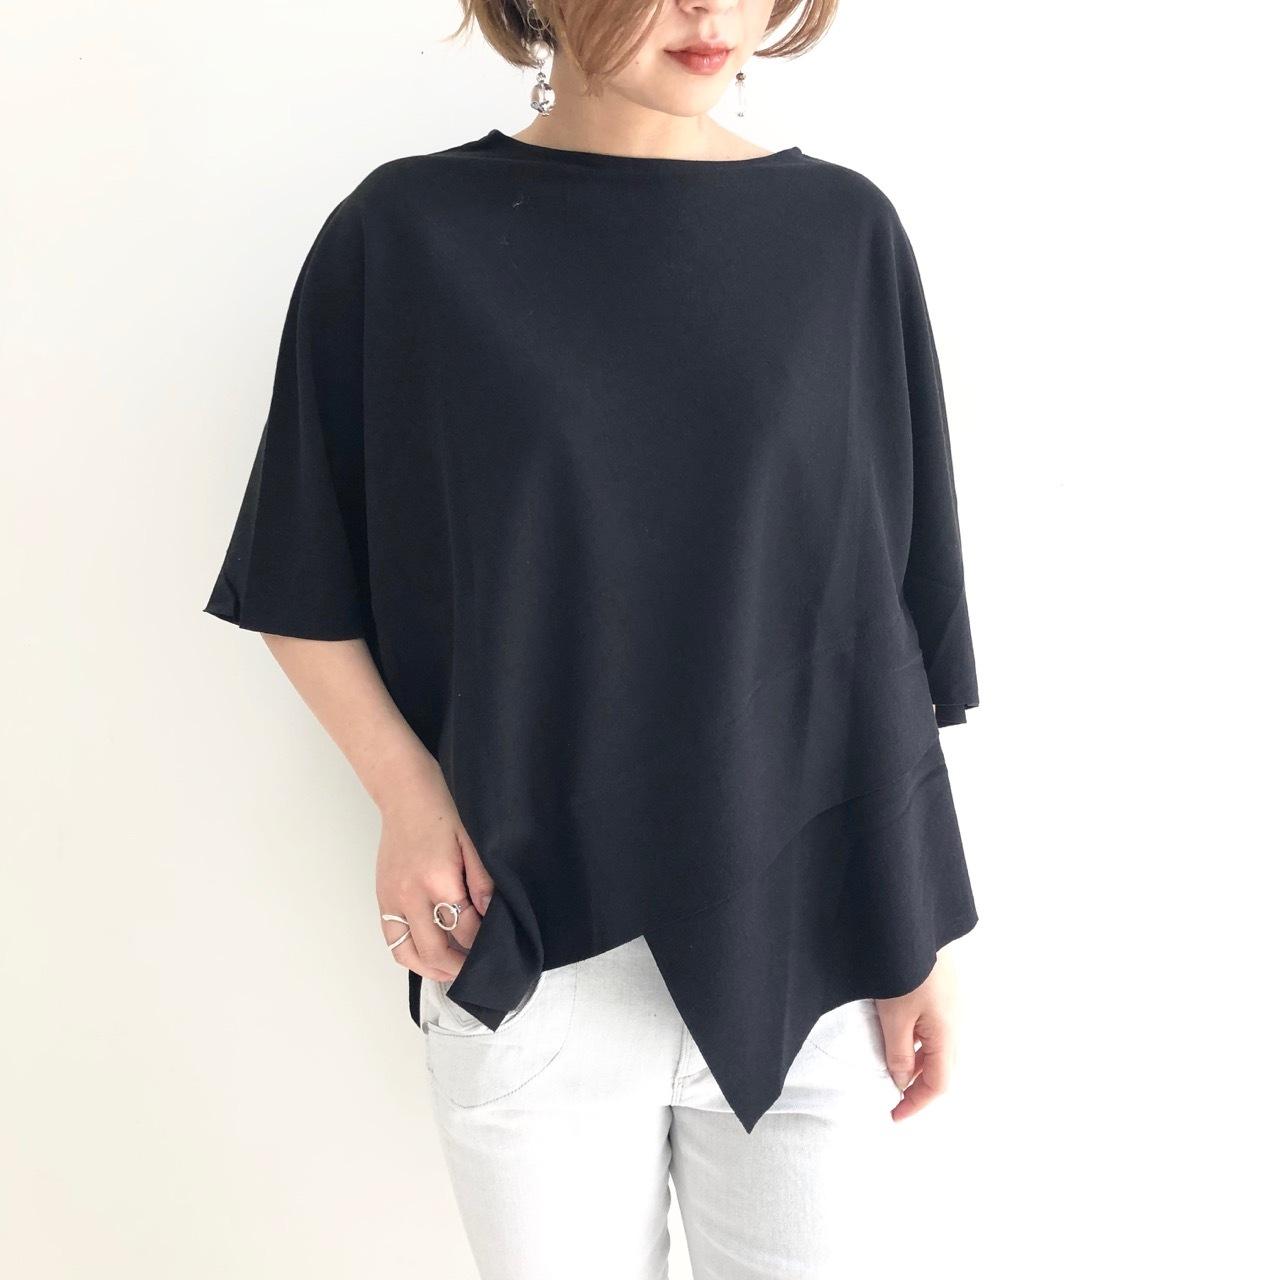 【 Days 】- 119-1374 - カッティングTeeシャツ